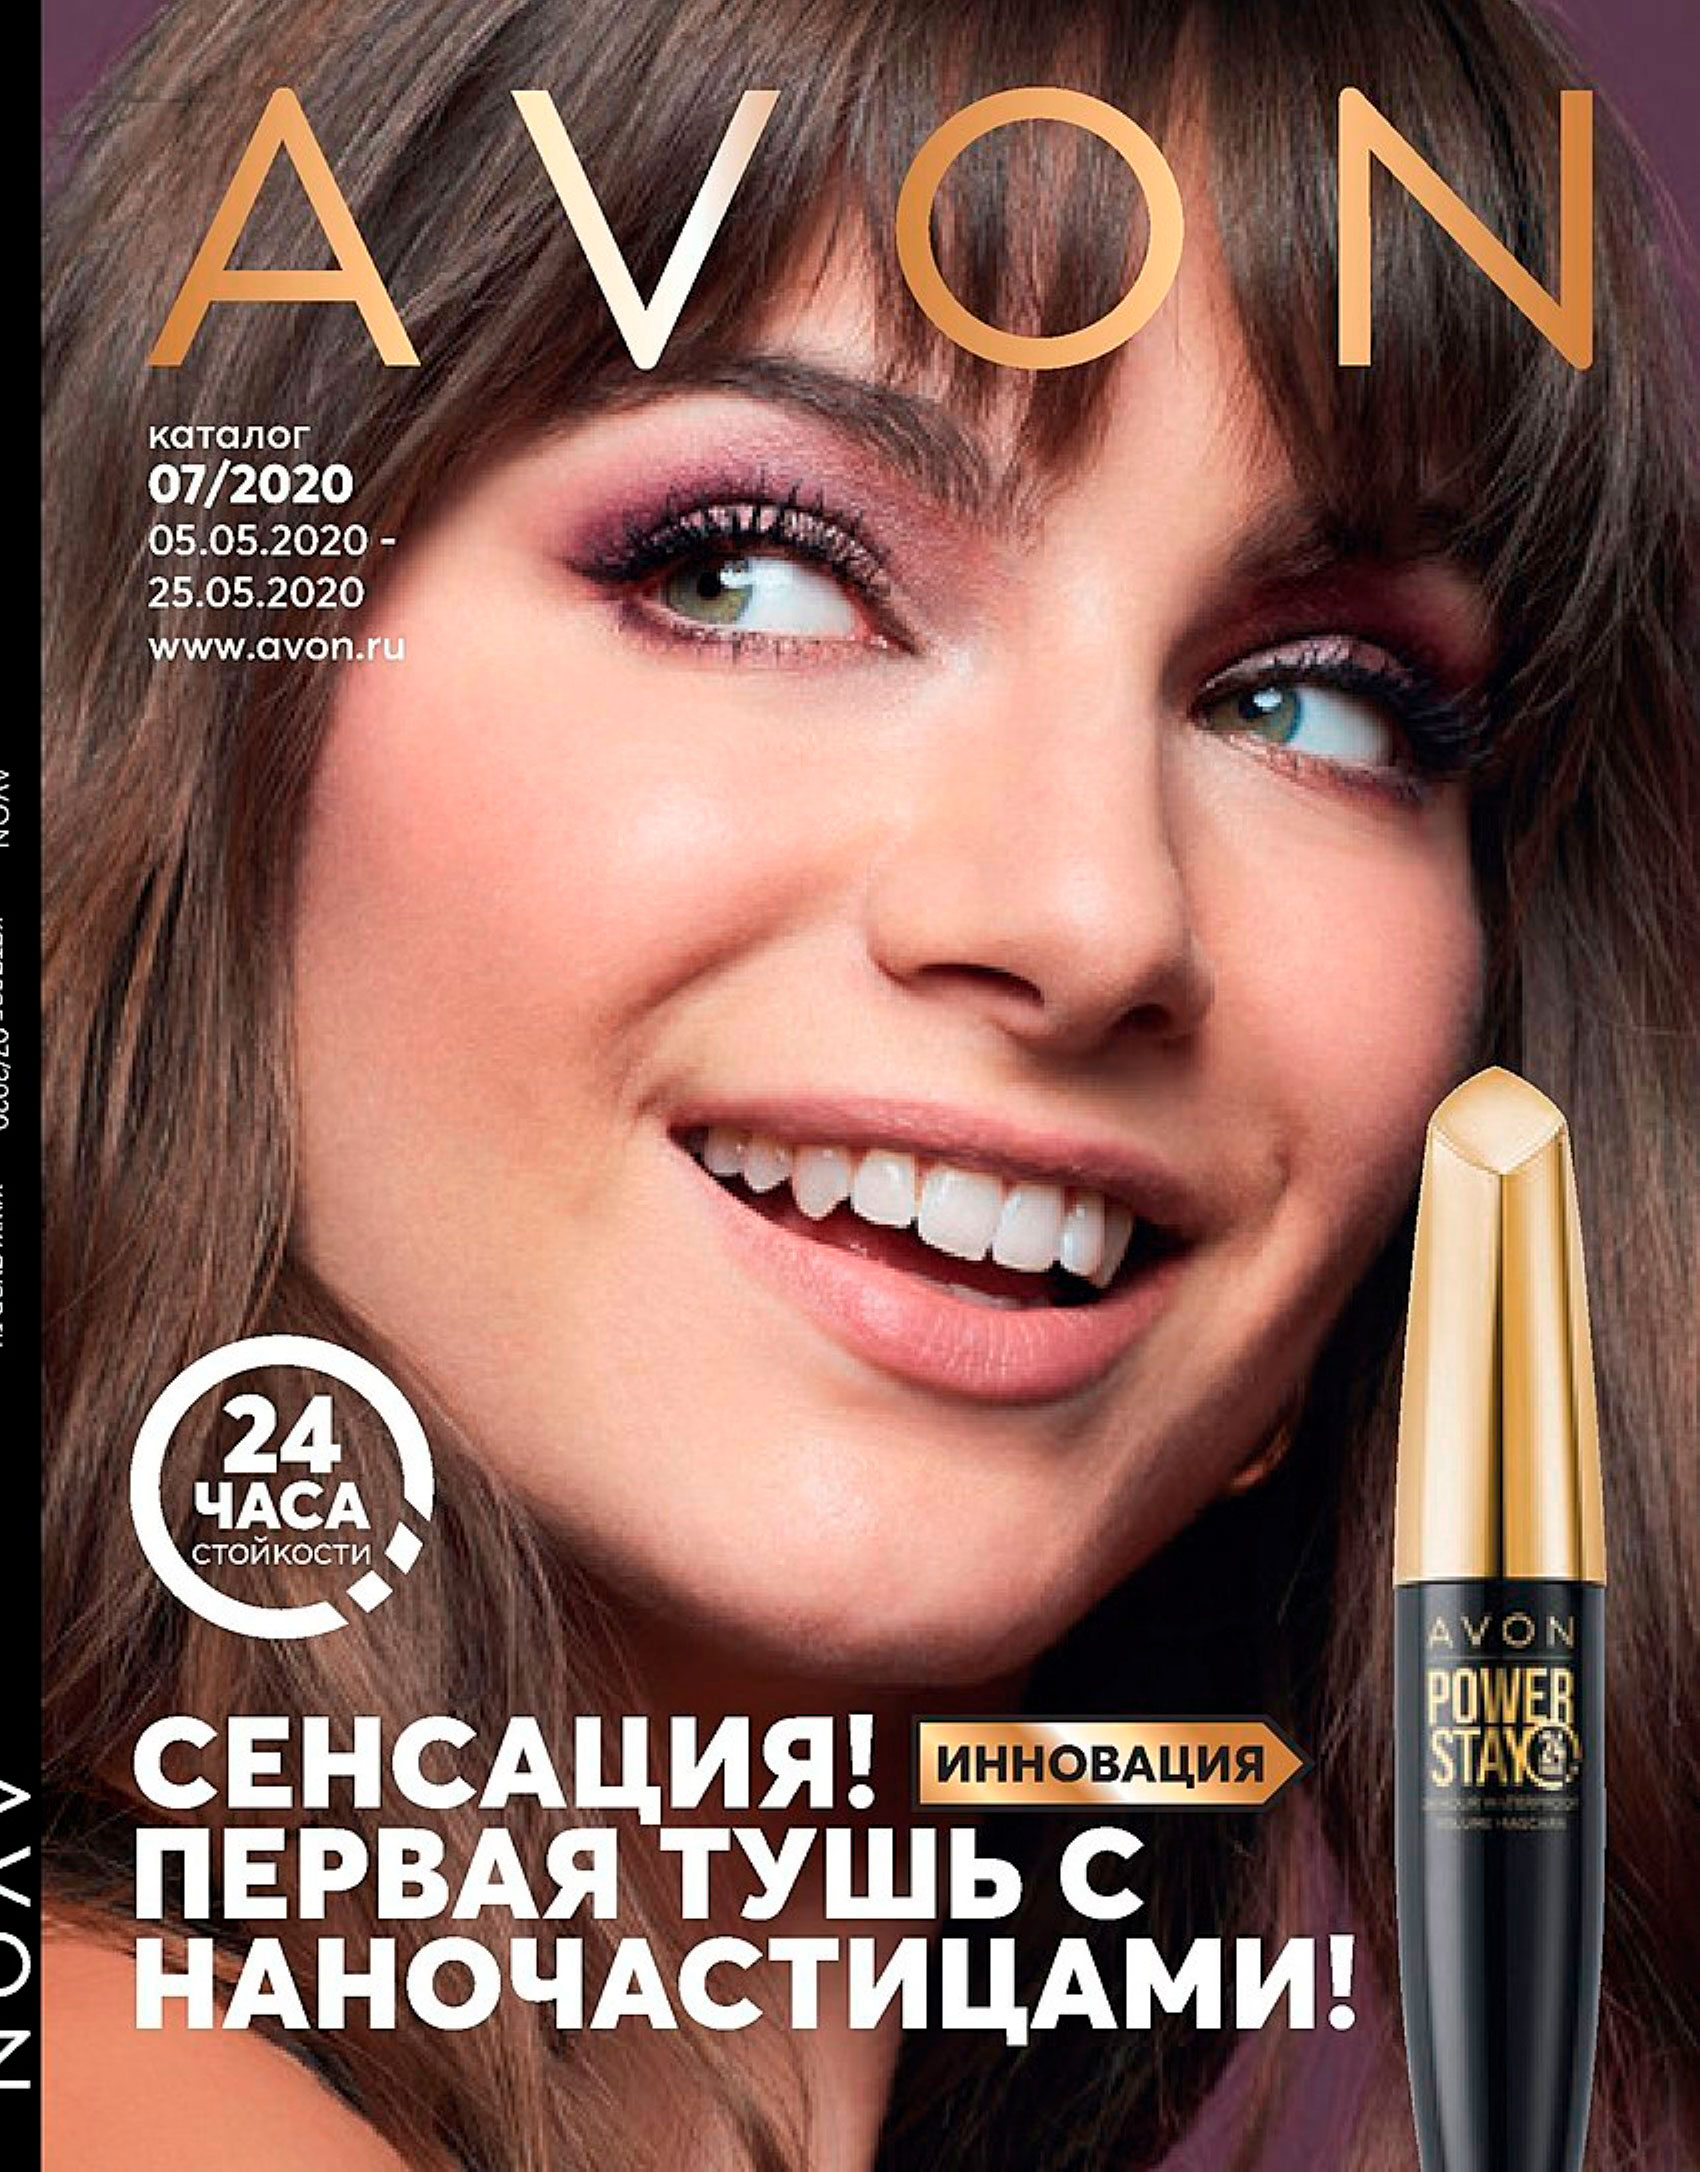 Avon каталог органайзеры для косметики купить в екатеринбурге